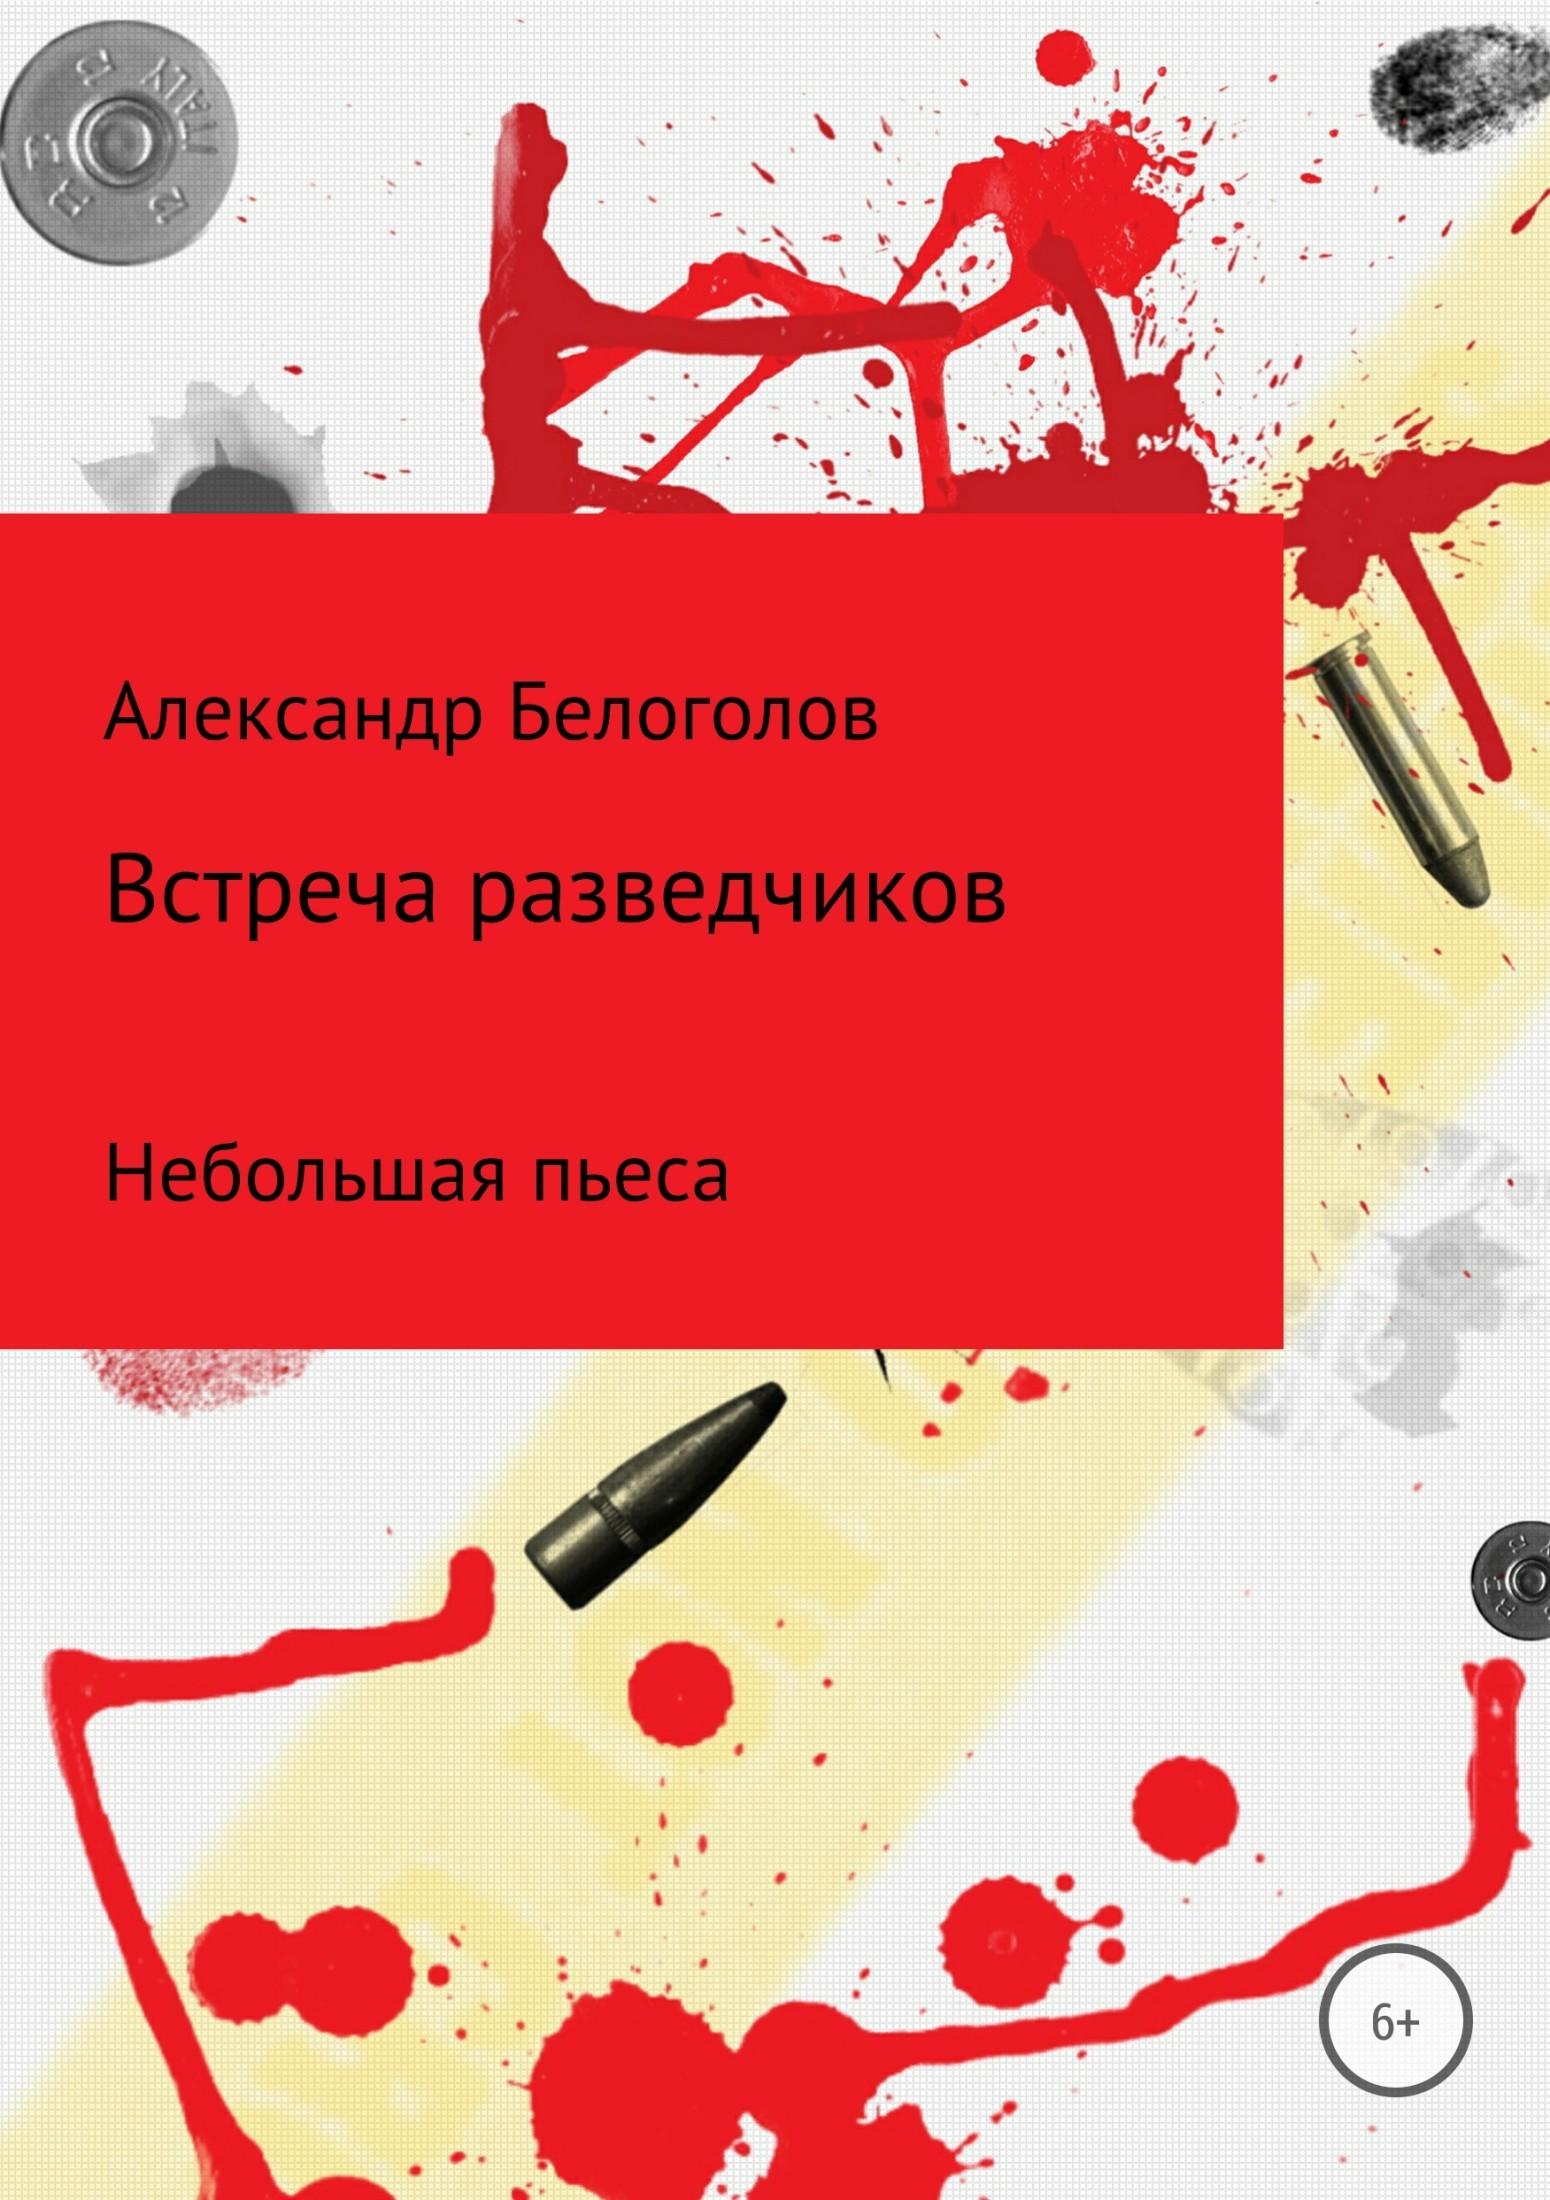 Александр Белоголов - Встреча разведчиков